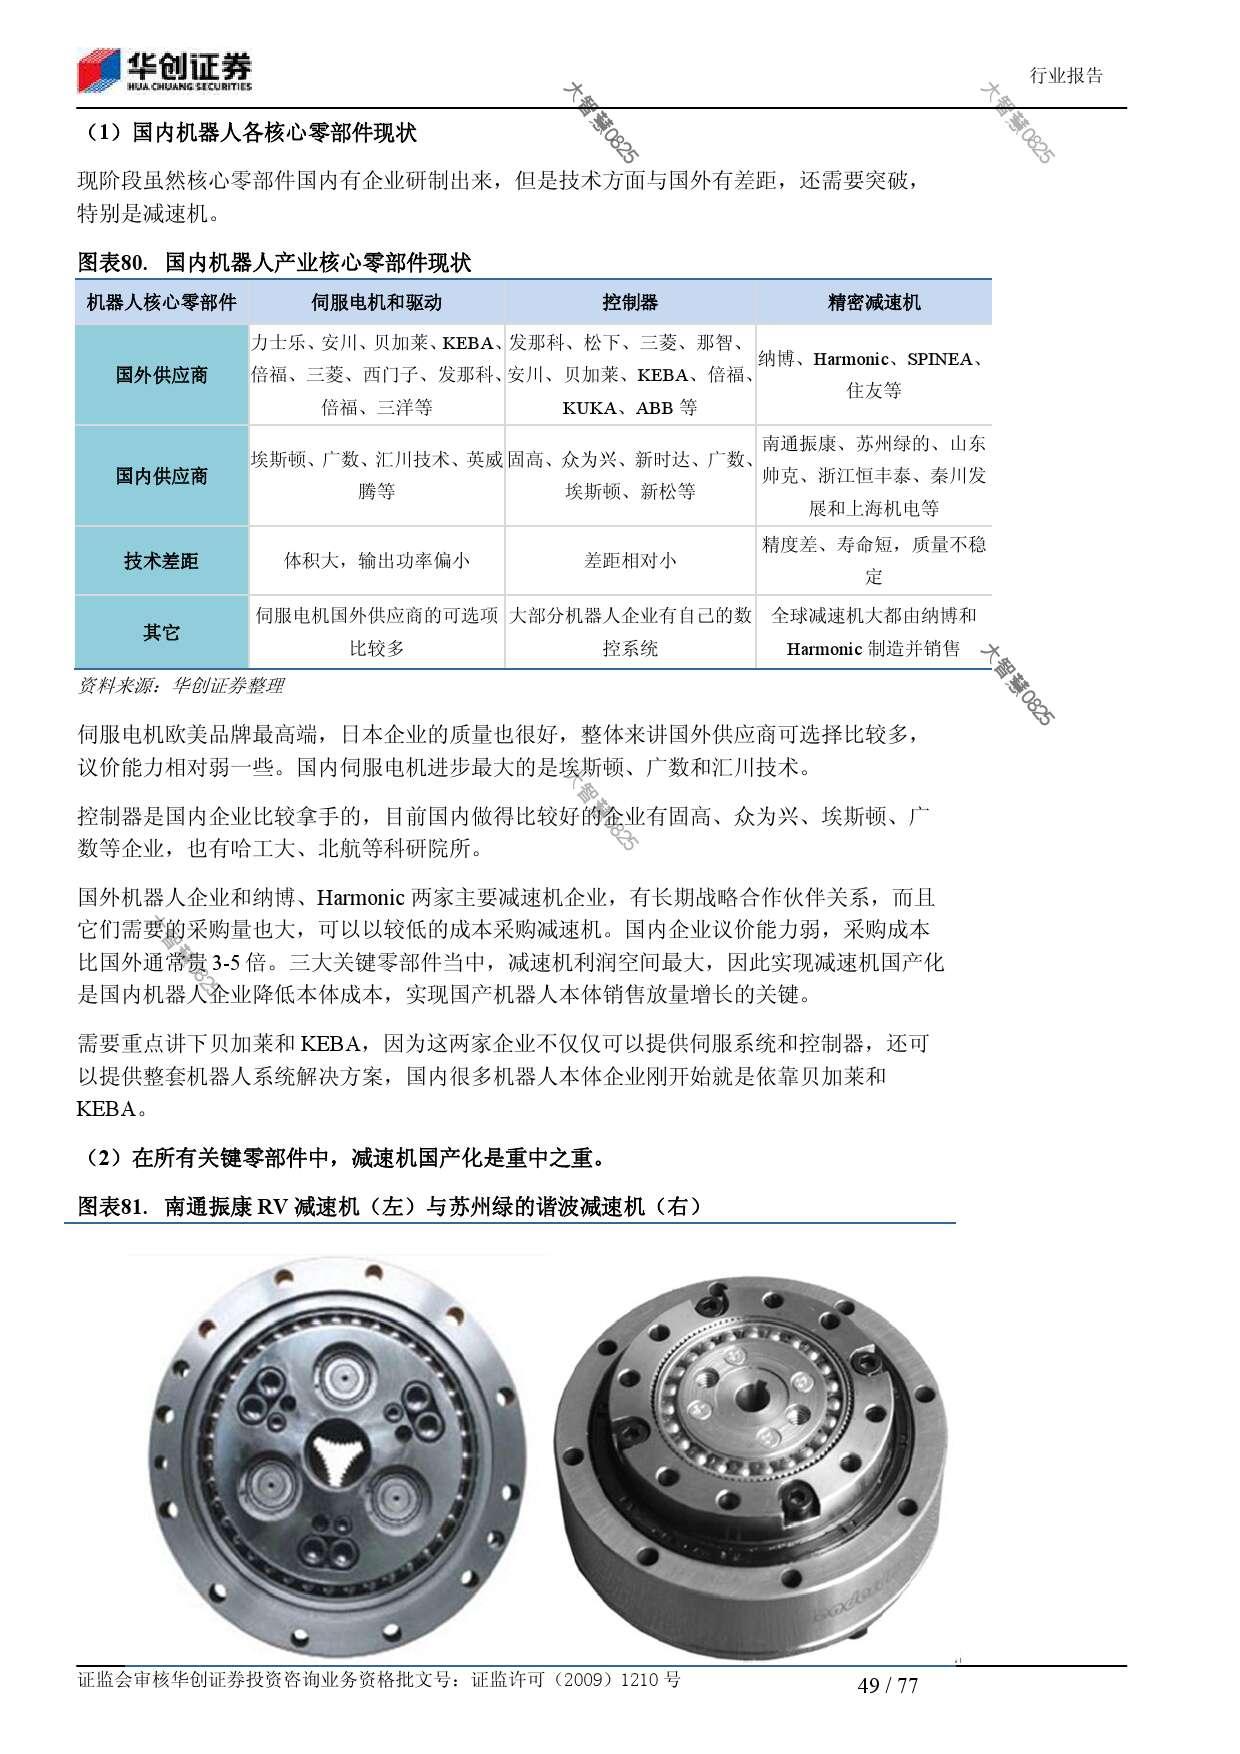 行业研究_华创证券_刘国清,鲁佩_机械设备:机器人大趋势_2014021_000049